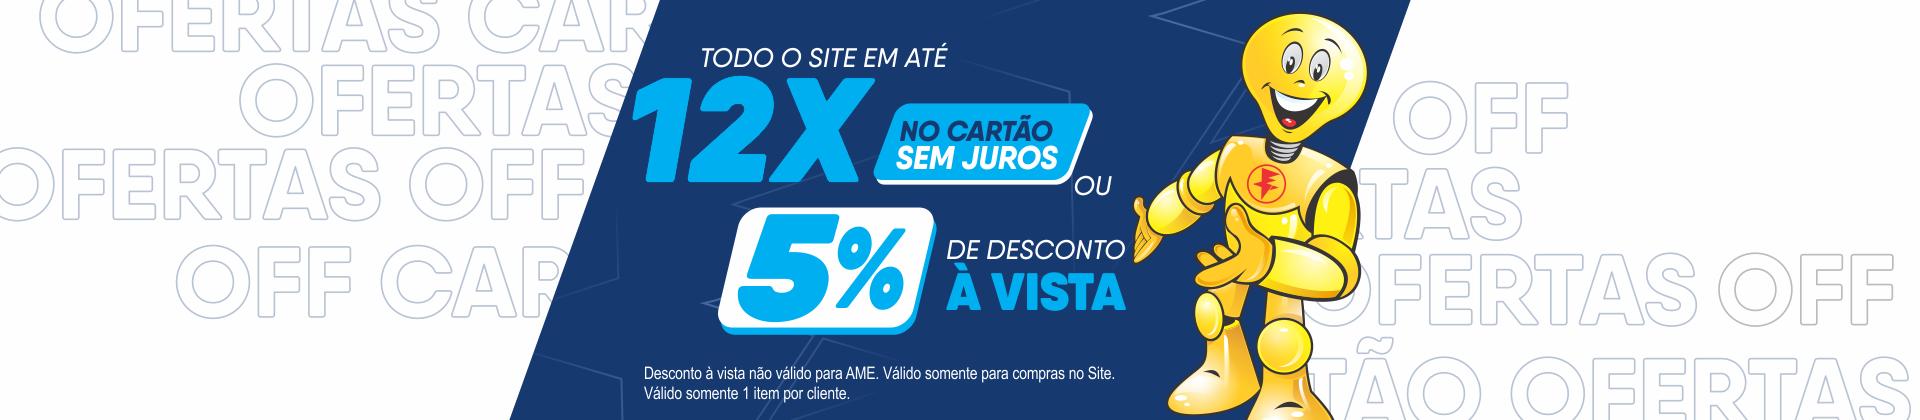 Promoção 12x5%